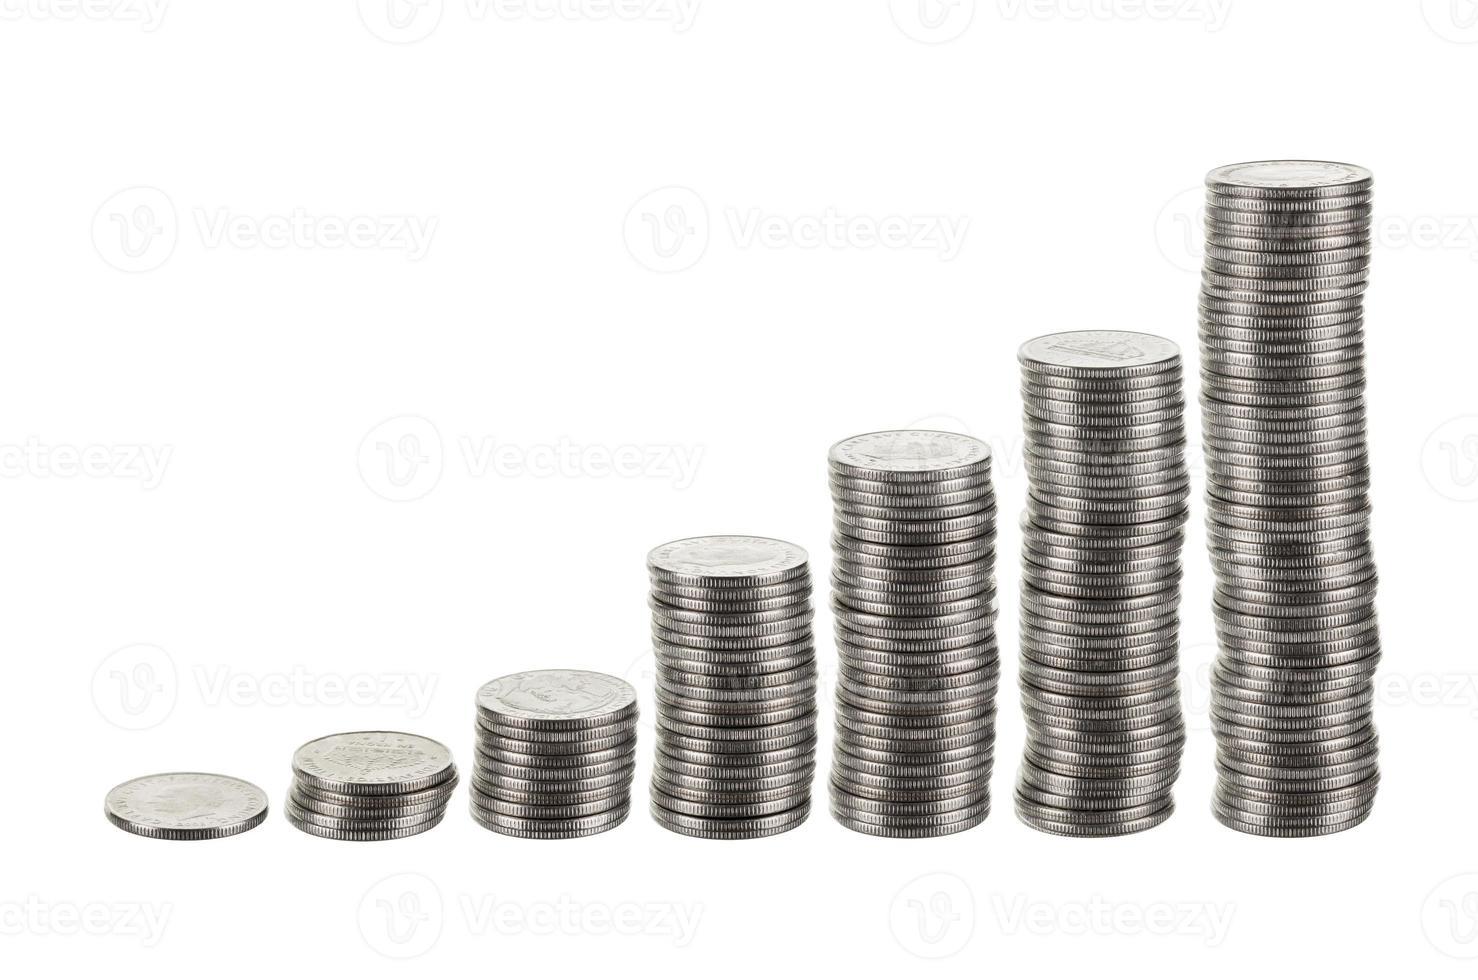 Balkendiagramm als Stapel von Silbermünzen. foto